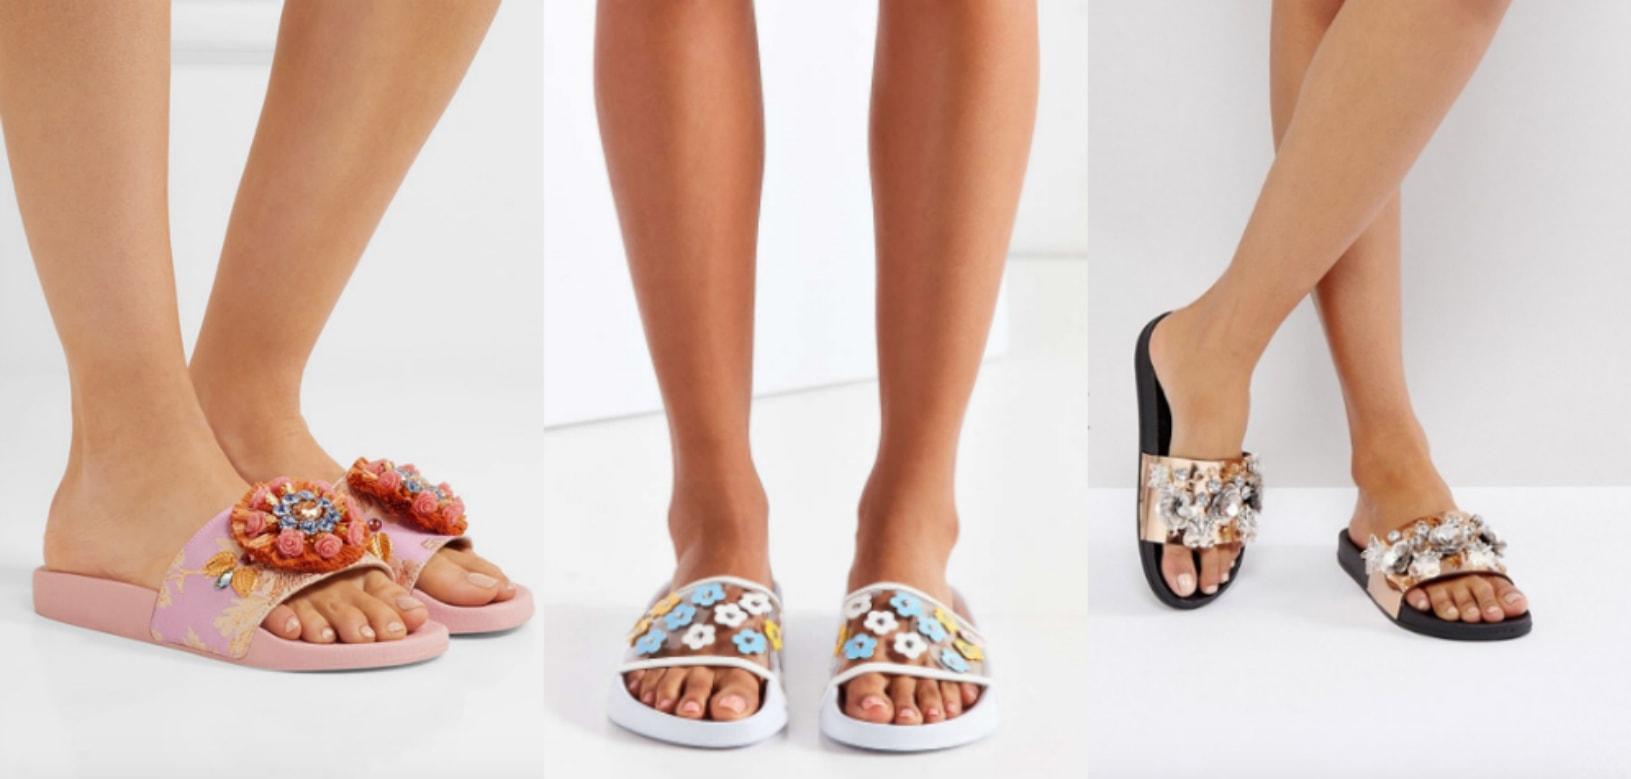 Embellished-Sandals-Trend